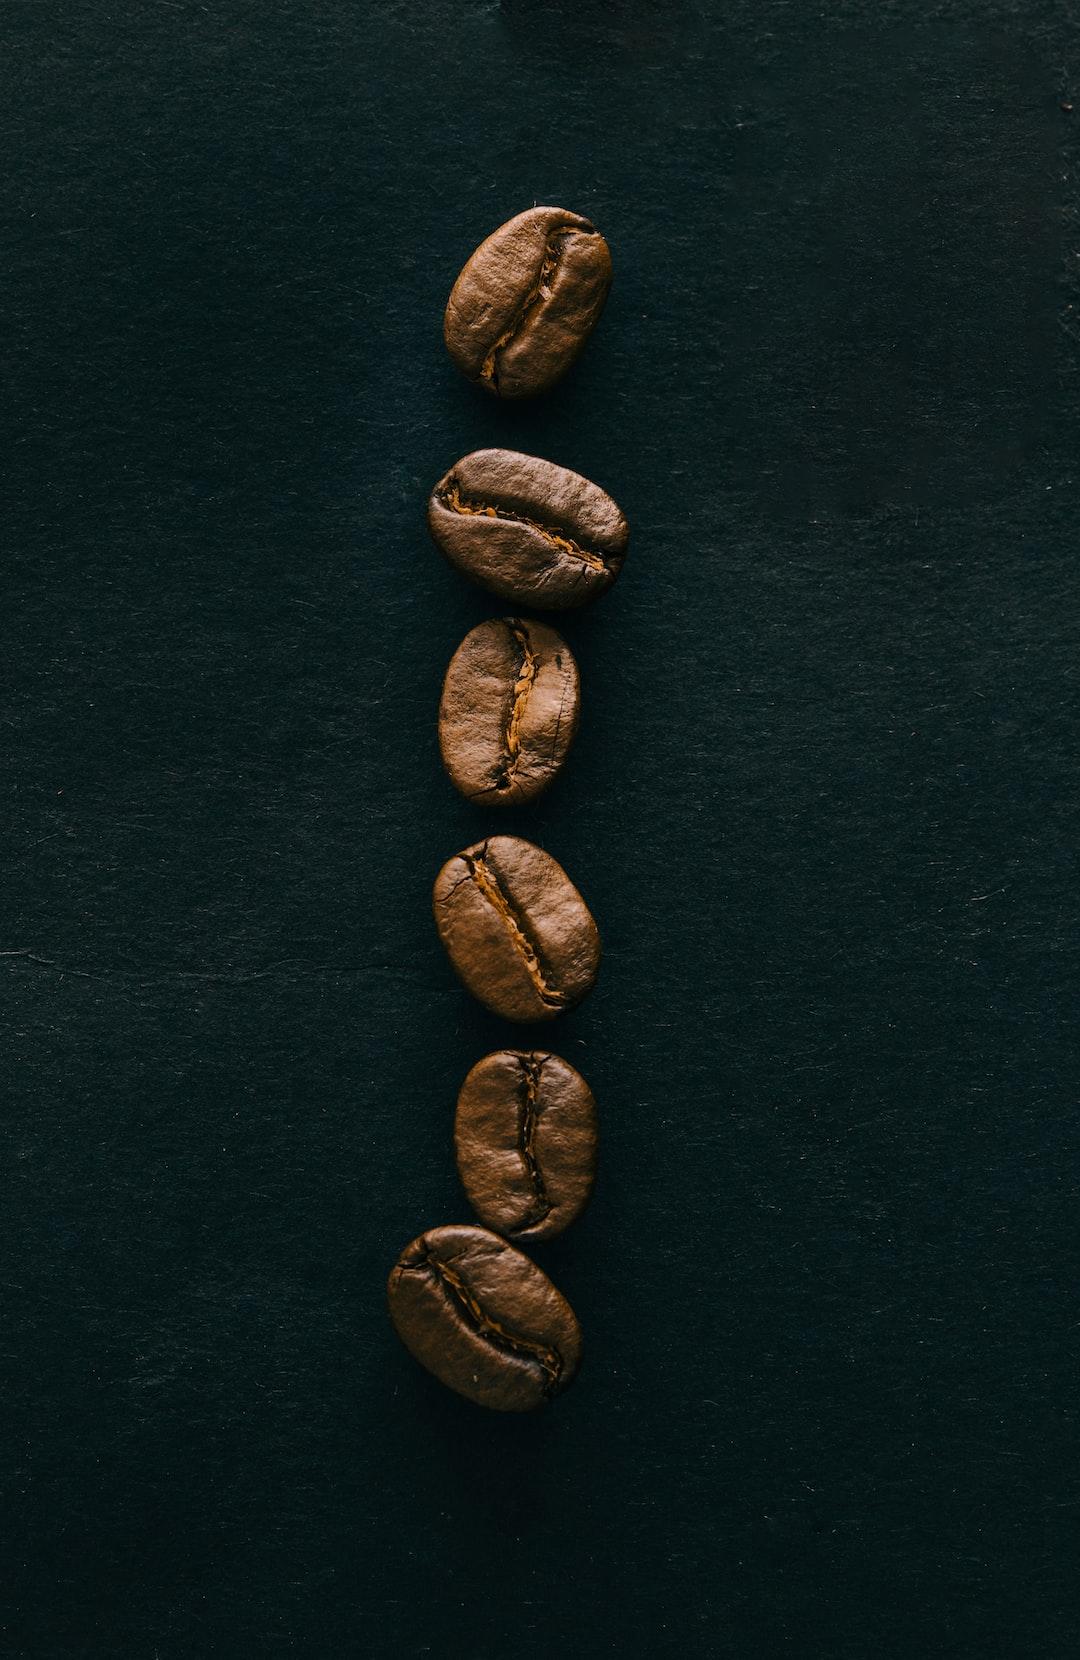 Hoe koffiebonen bewaren?